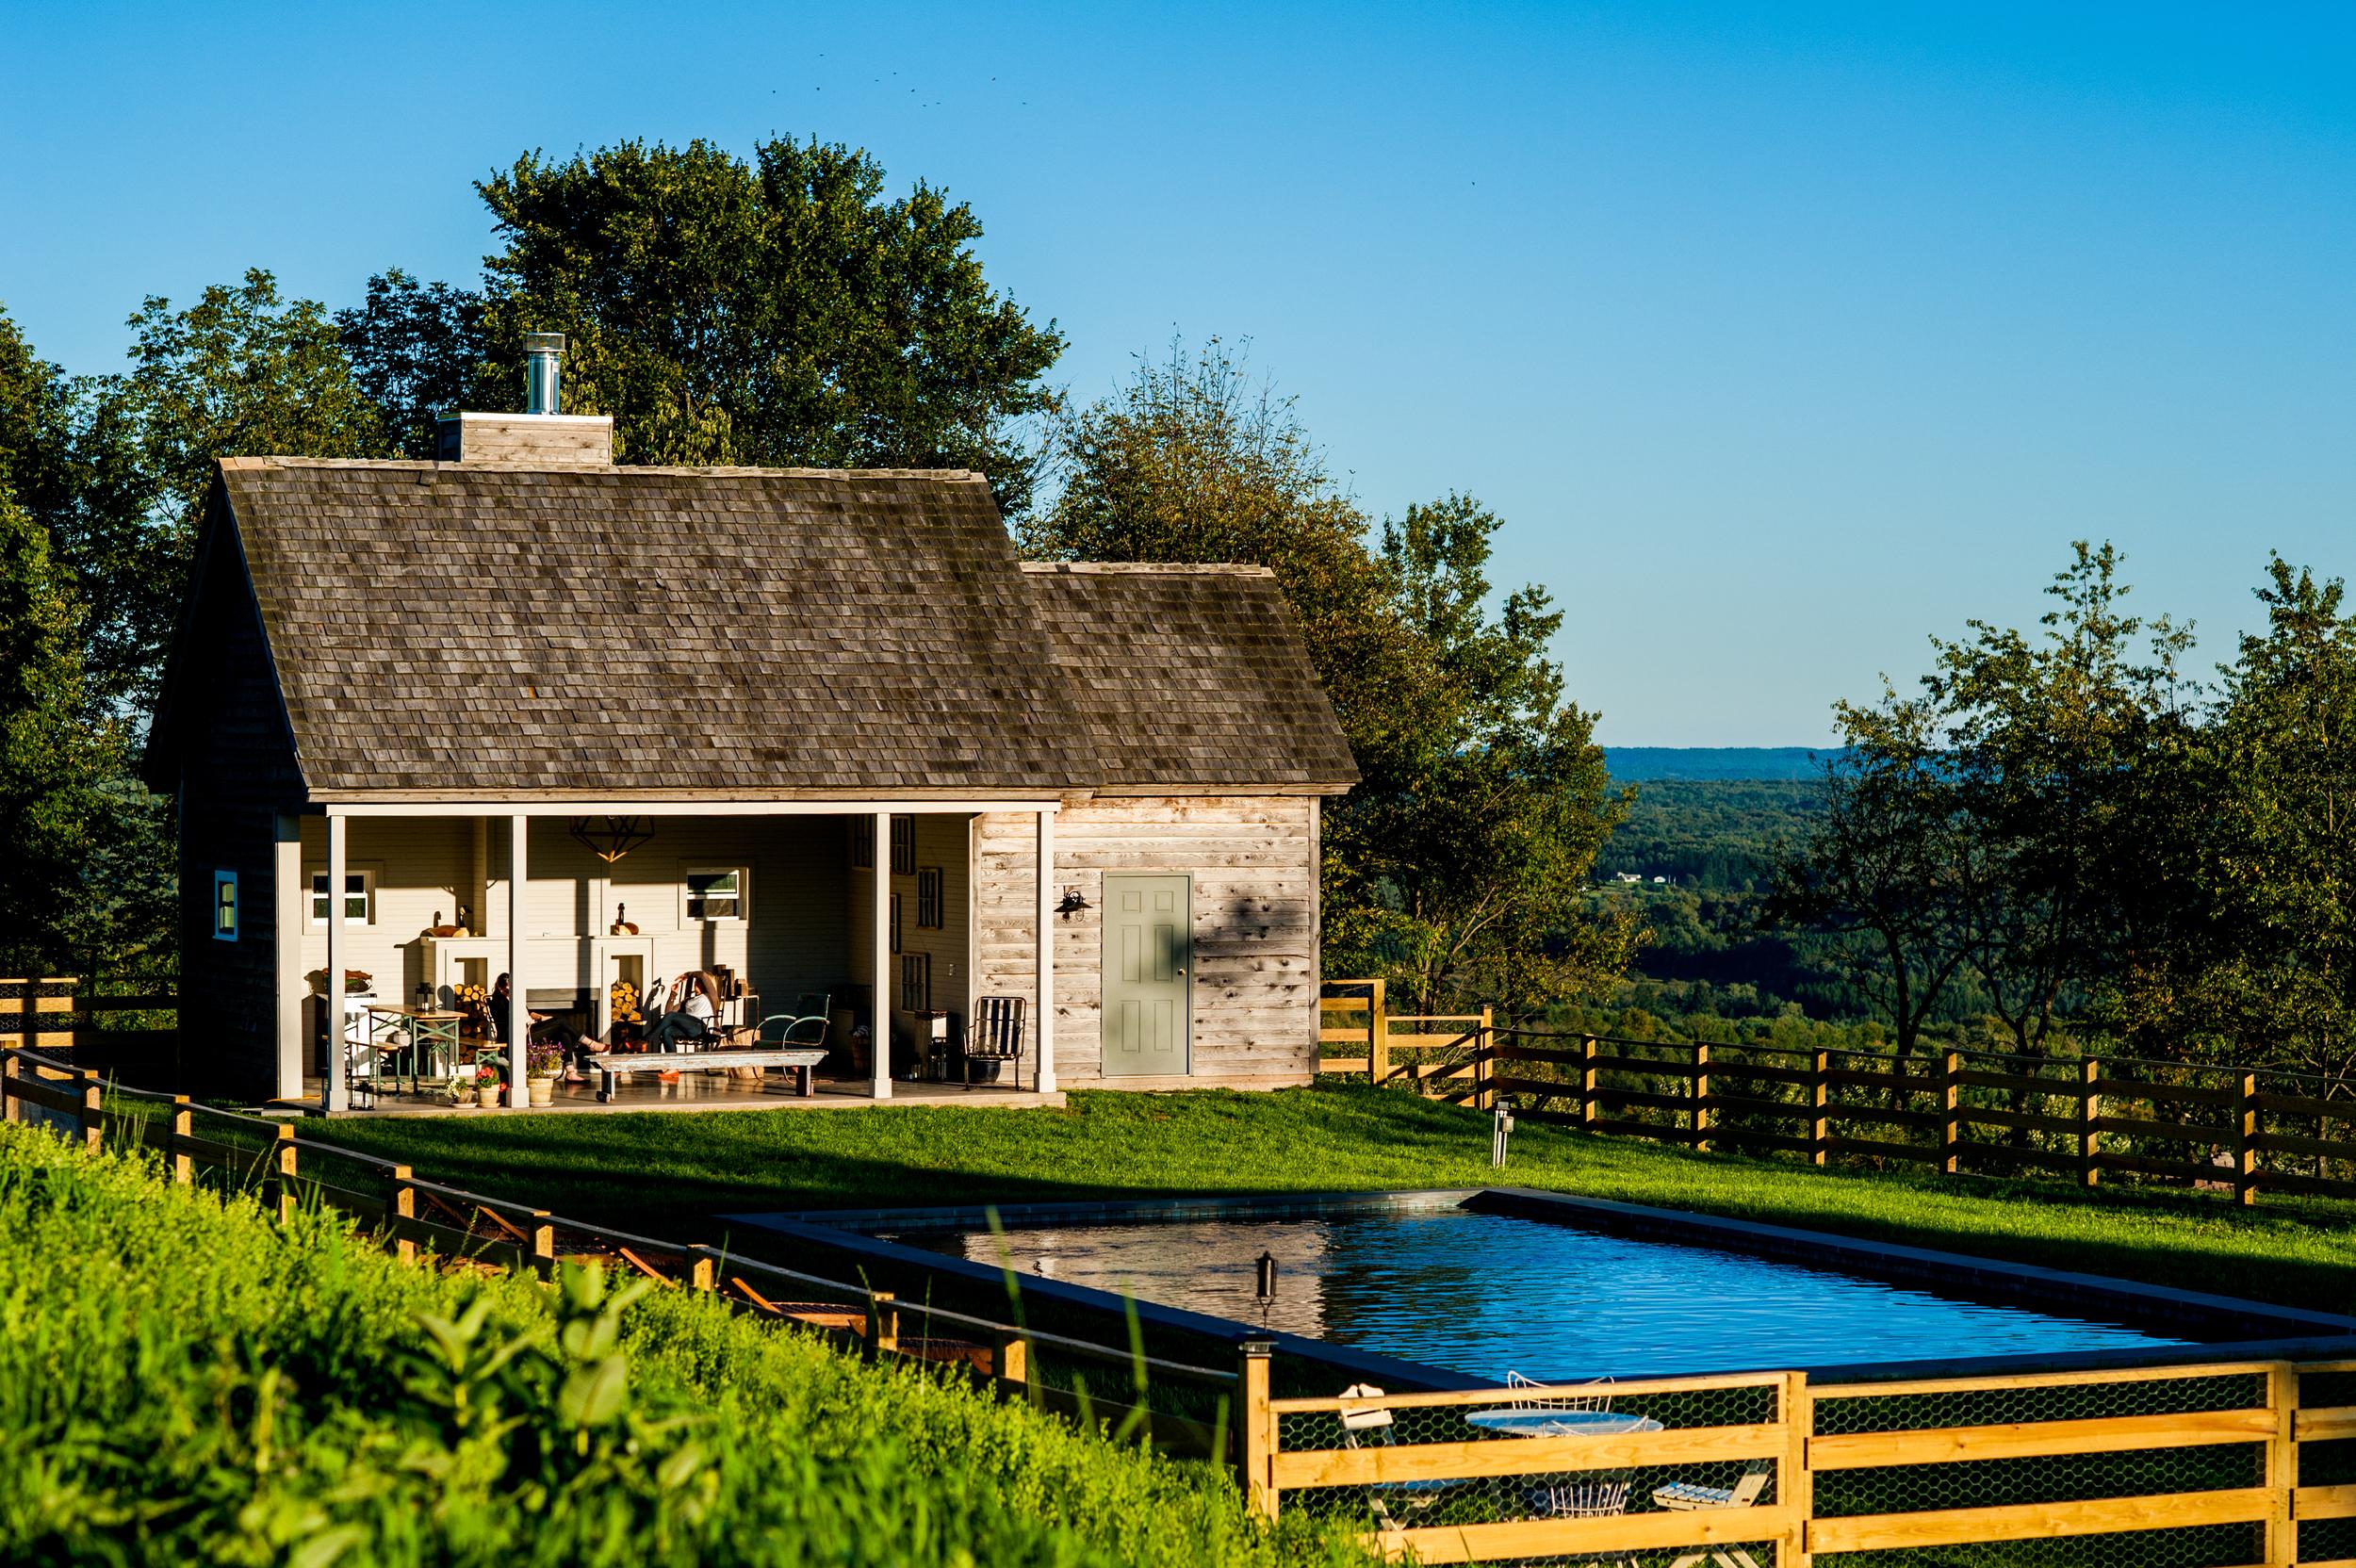 East Hill Manor Farm